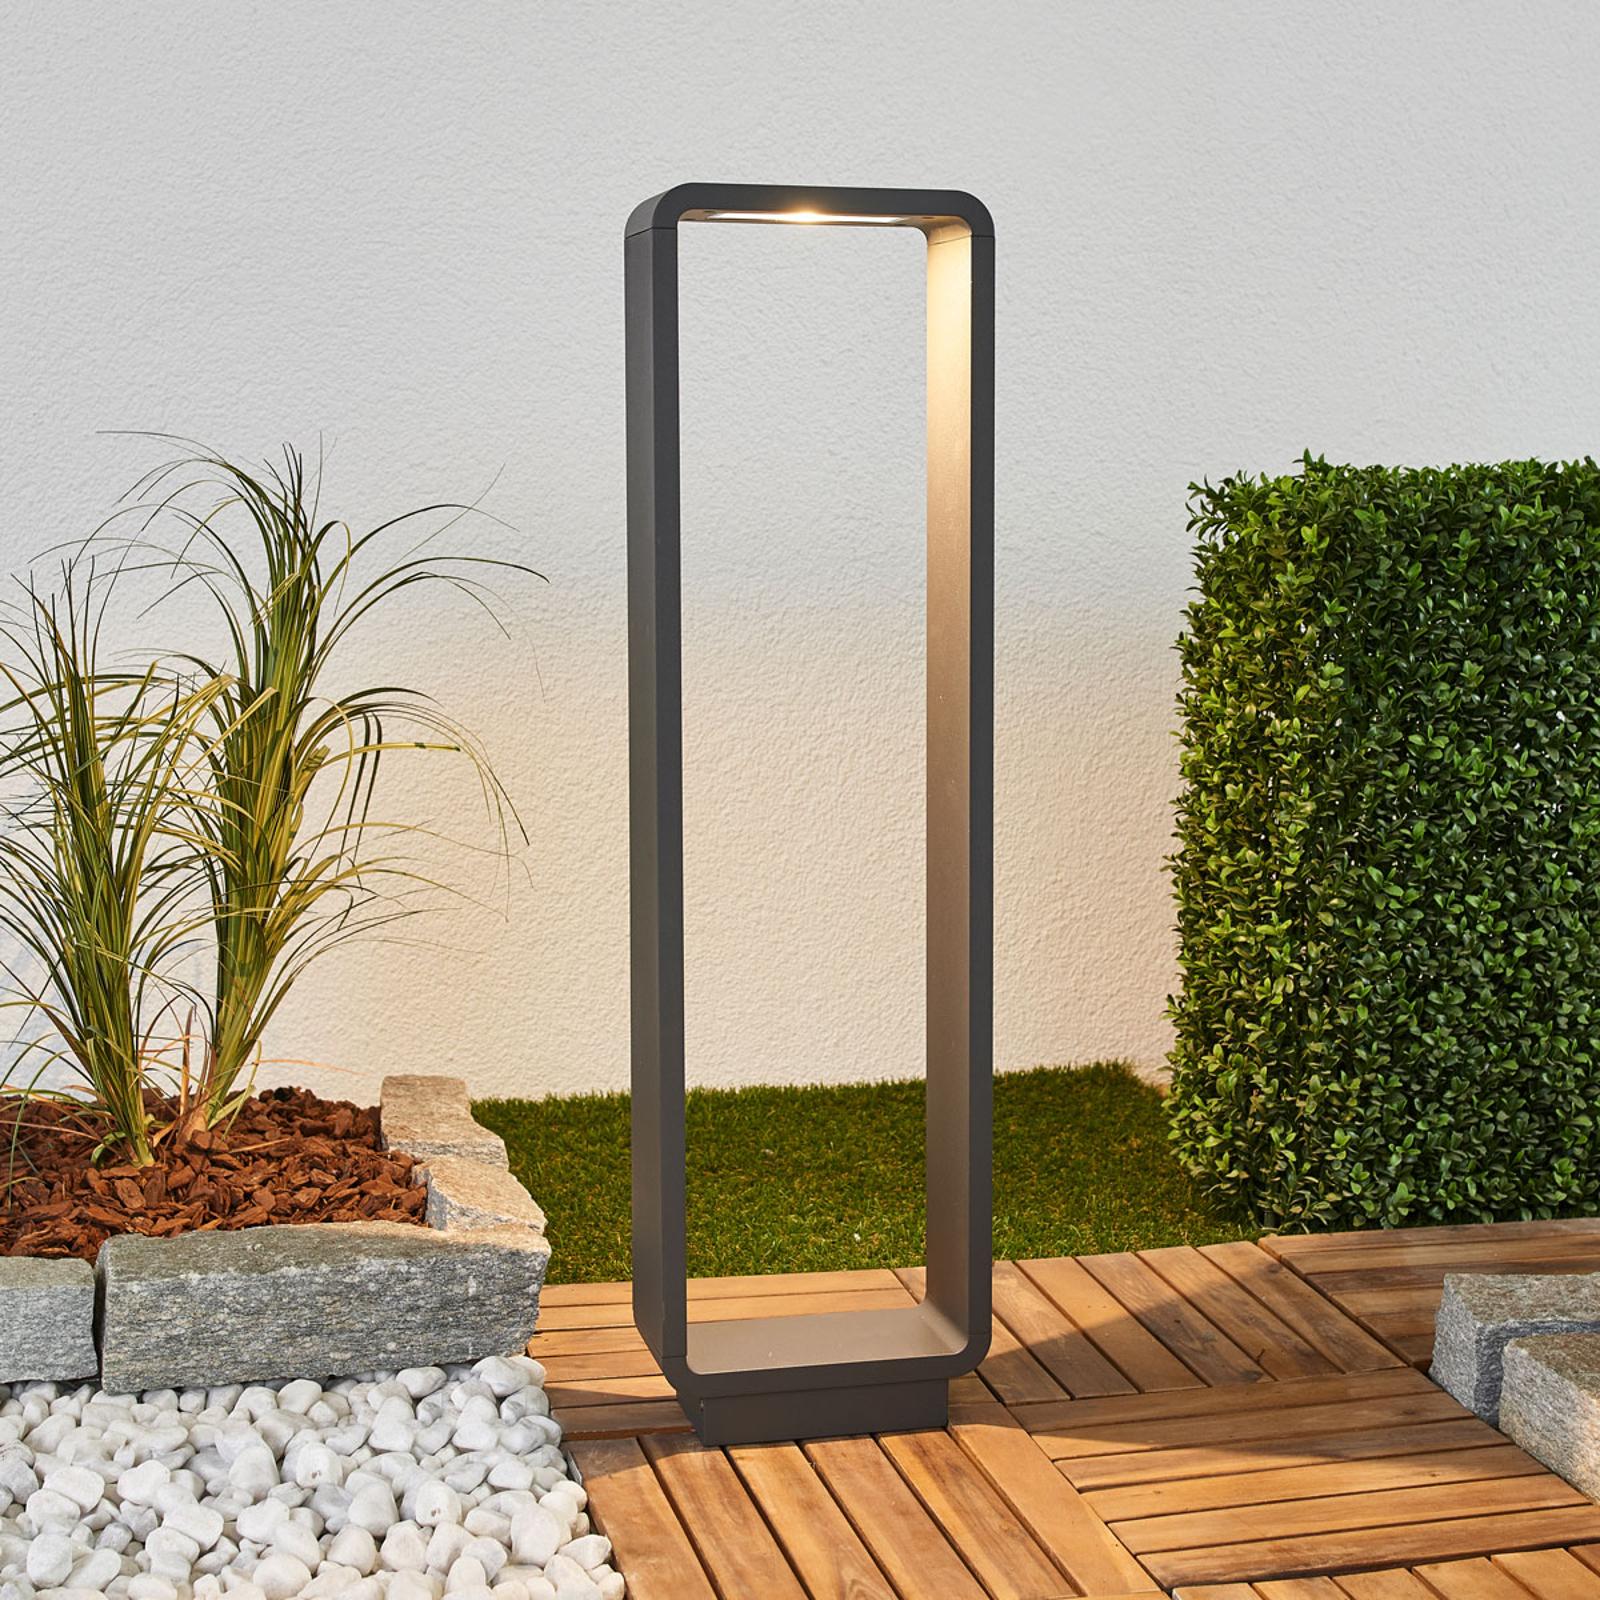 Ninon - LED-veilampe med avrundede hjørner